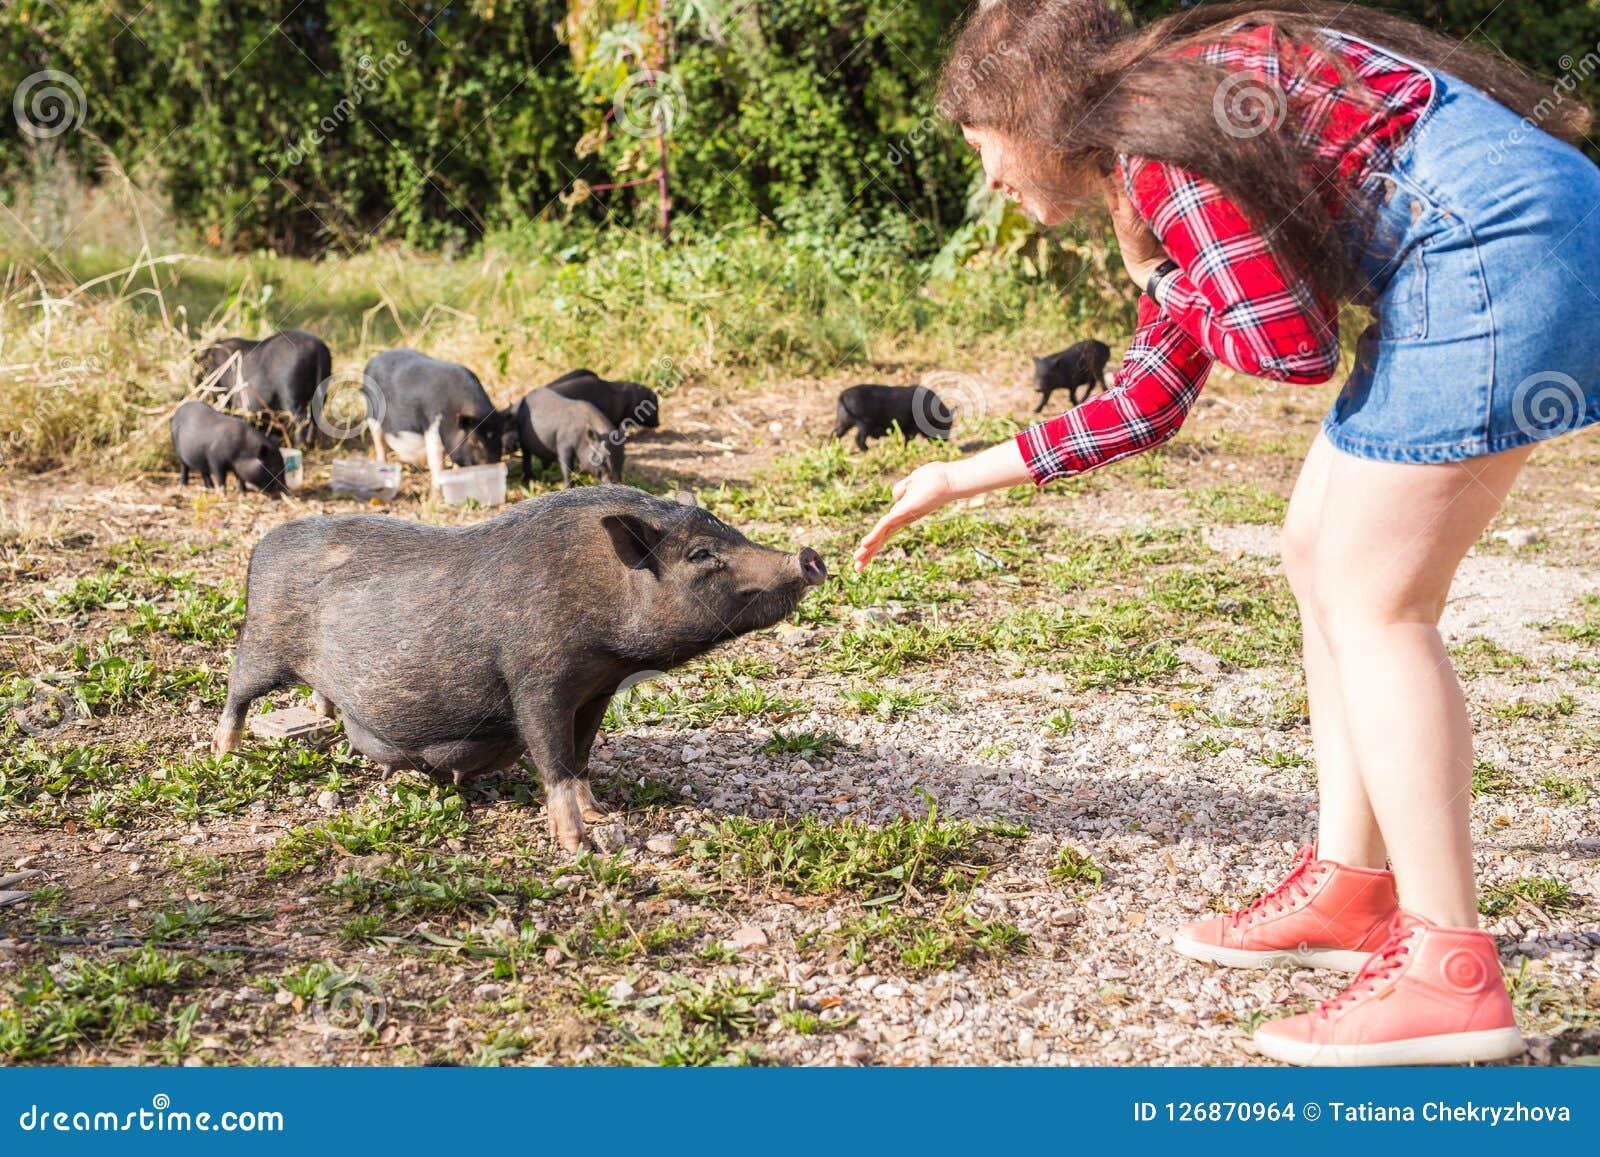 Glückliche Spiele der jungen Frau mit kleinen wilden Ebern auf Natur